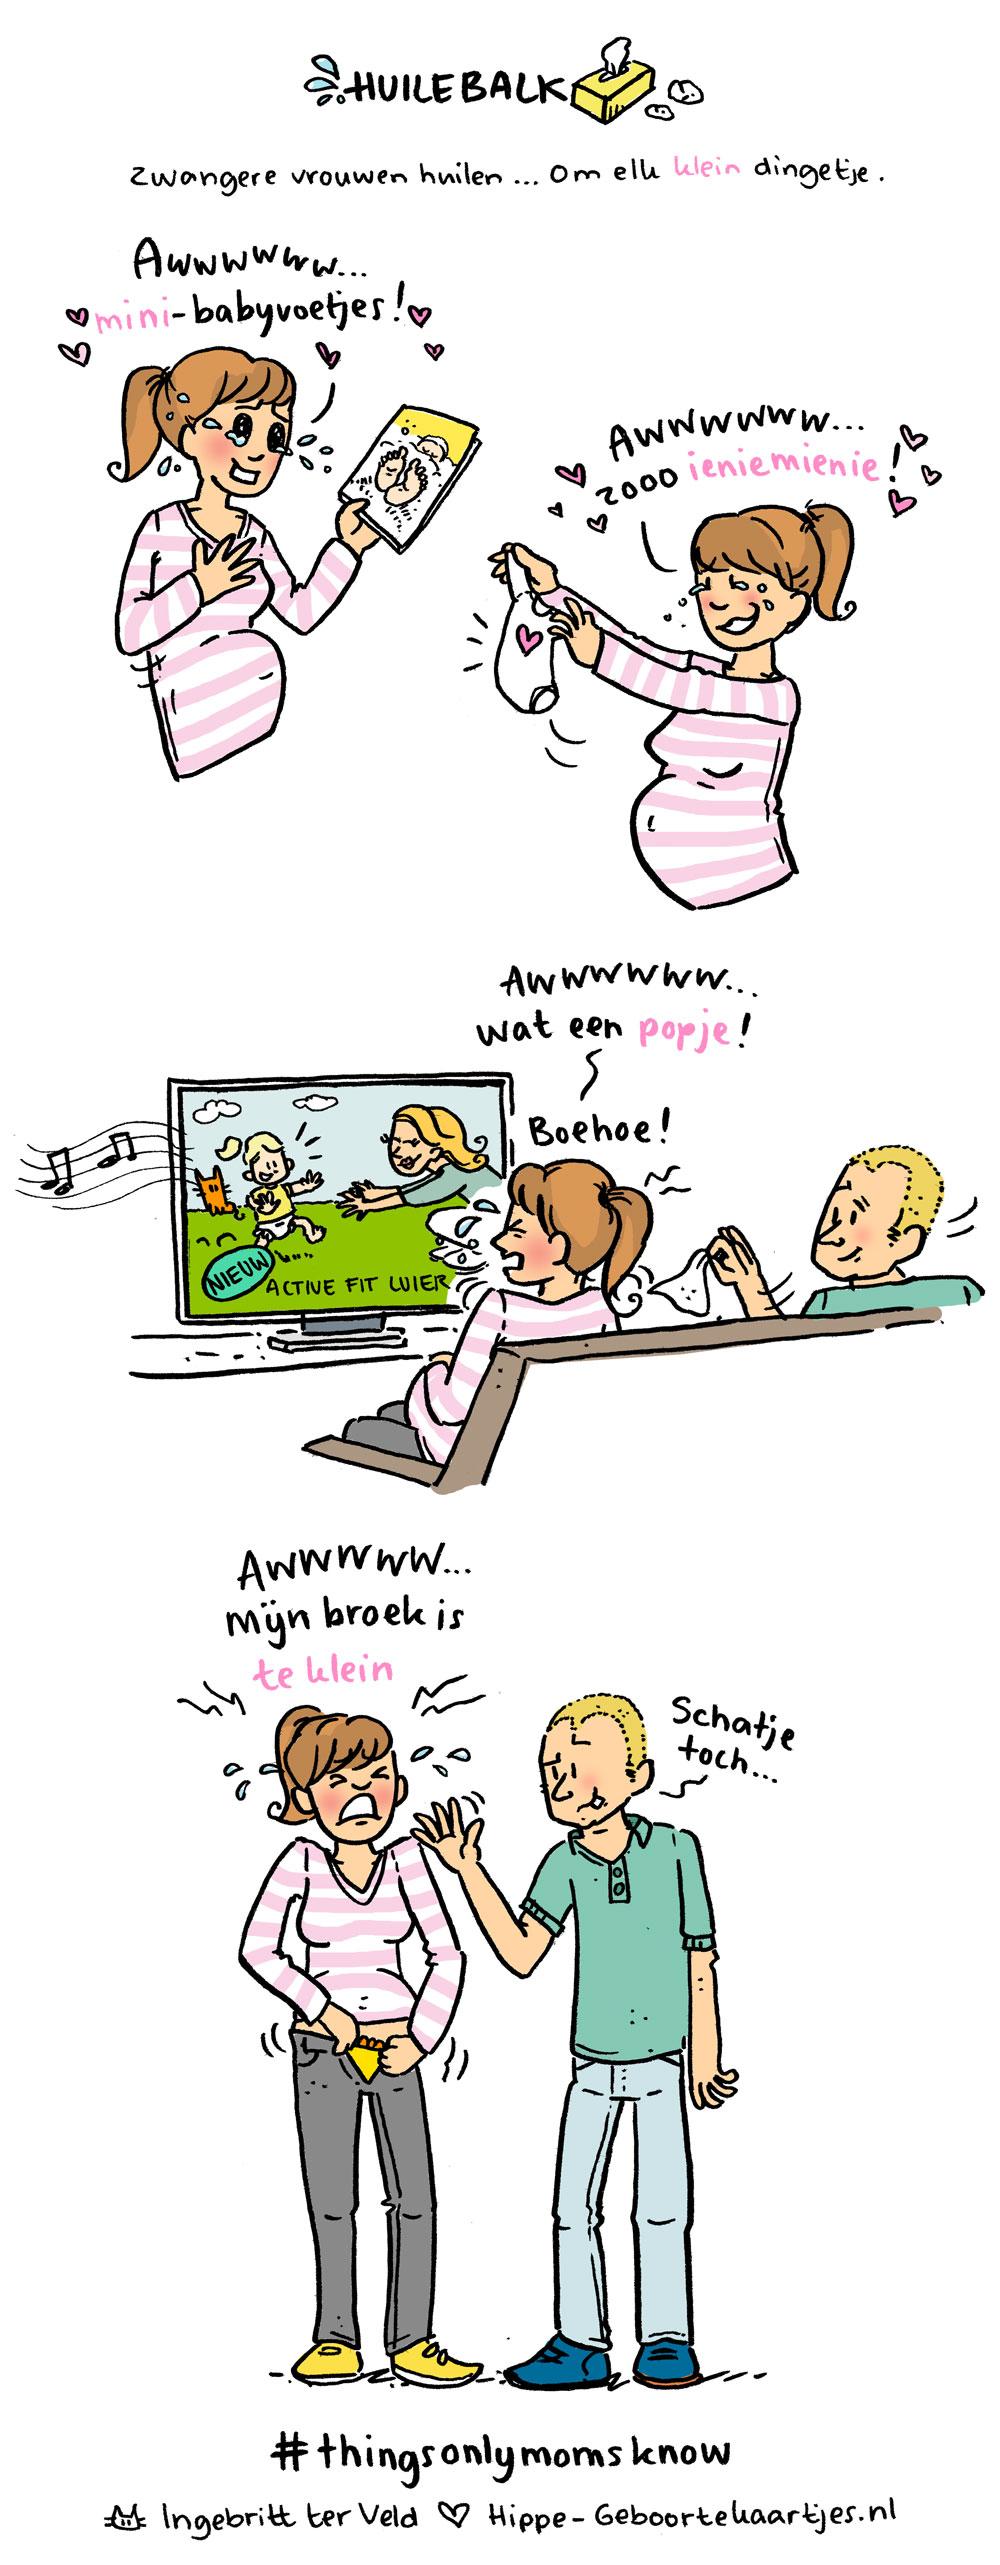 Huilebalk - Deze cartoons beschrijven het moederschap